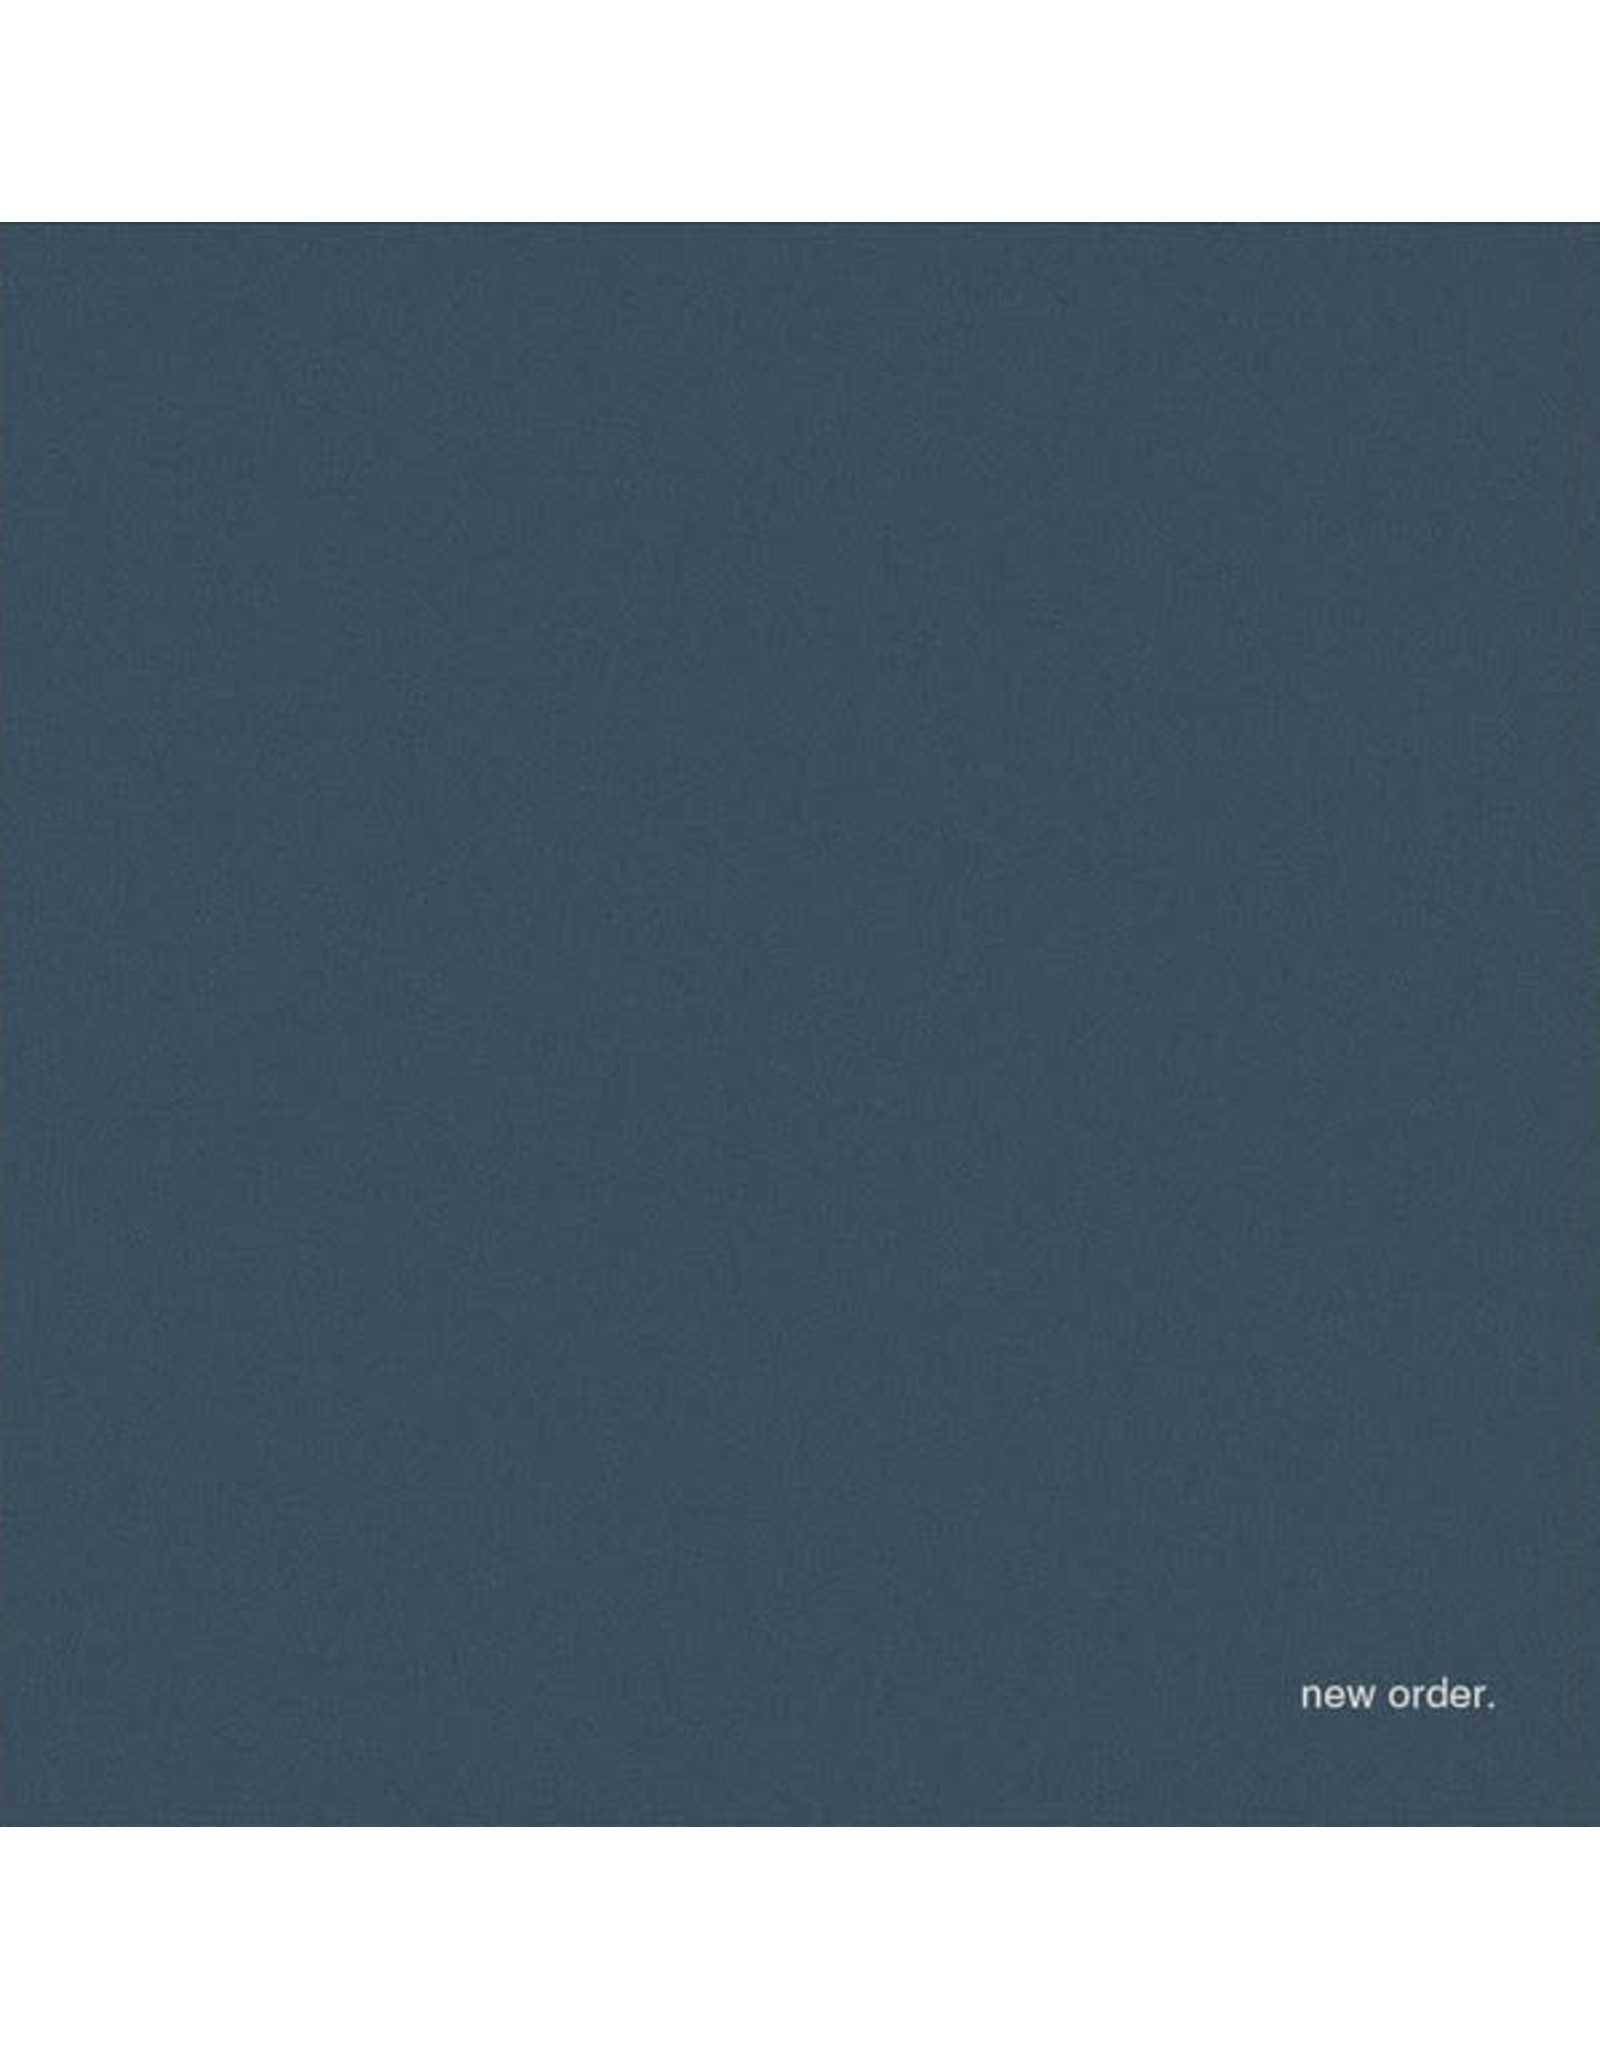 New Order - Be A Rebel [Remixes] 2LP (ltd. edition clear vinyl)